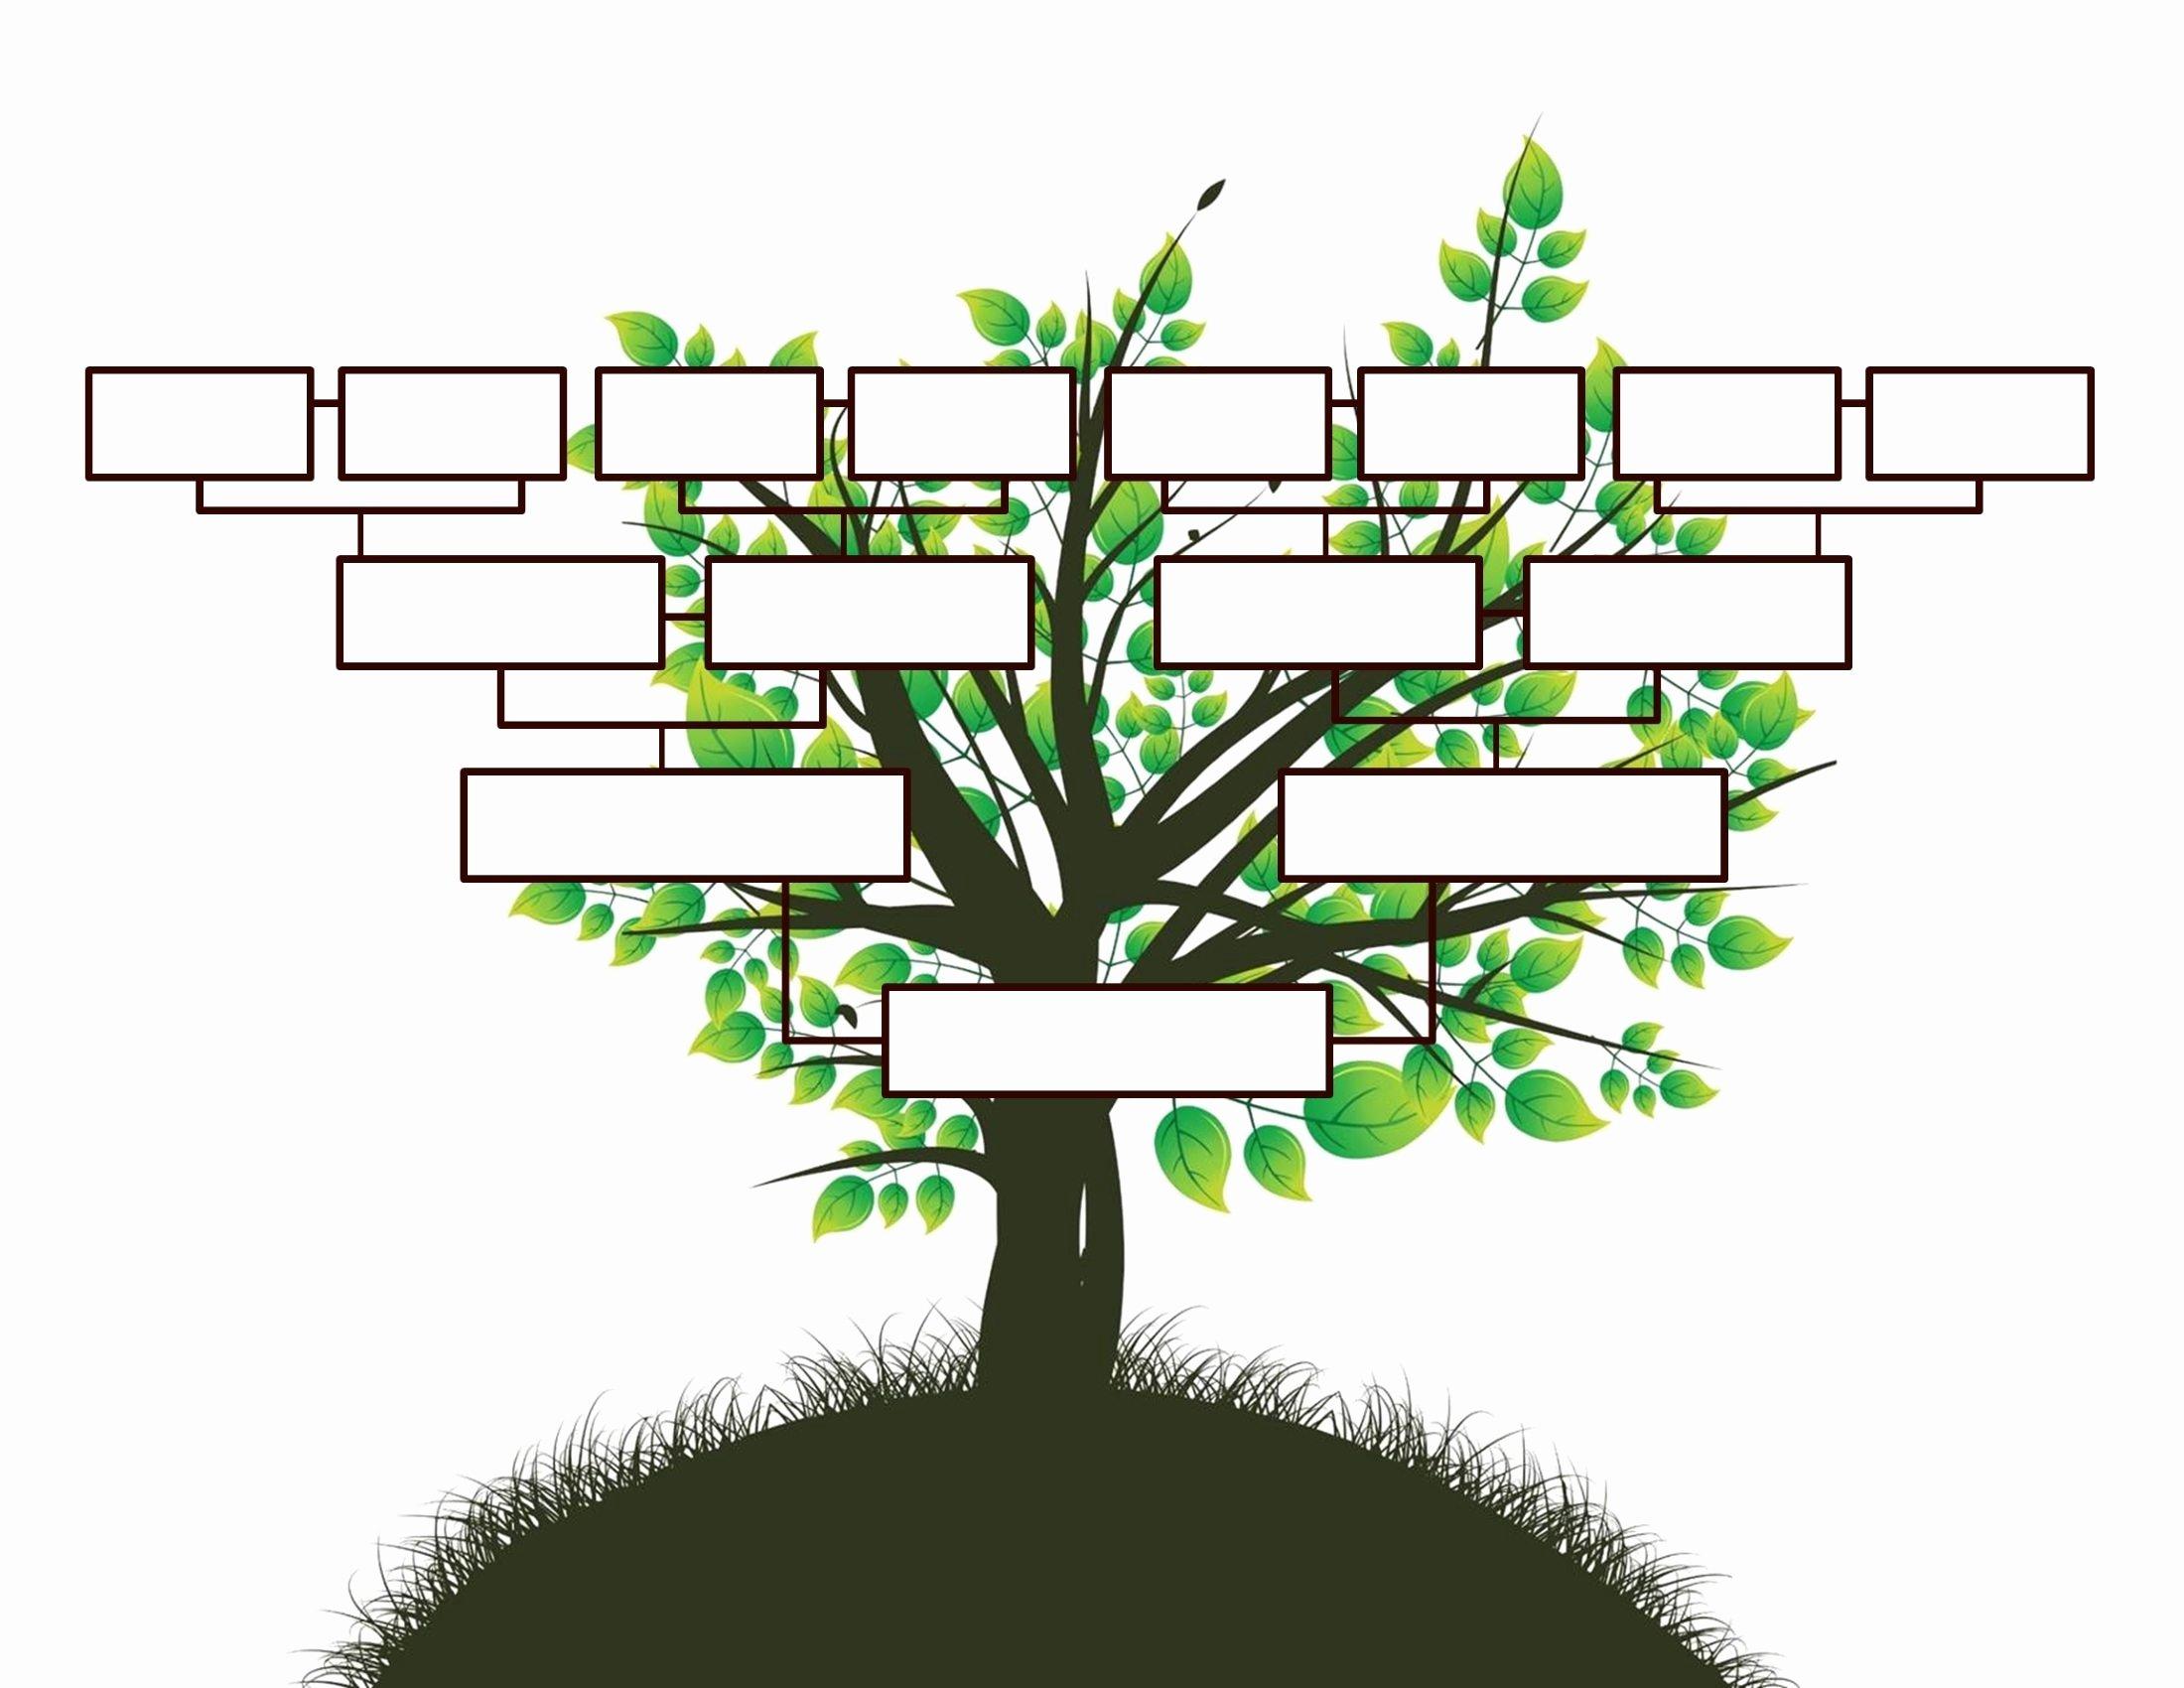 Free Family Tree Templates Elegant Free Editable Family Tree Template Daily Roabox